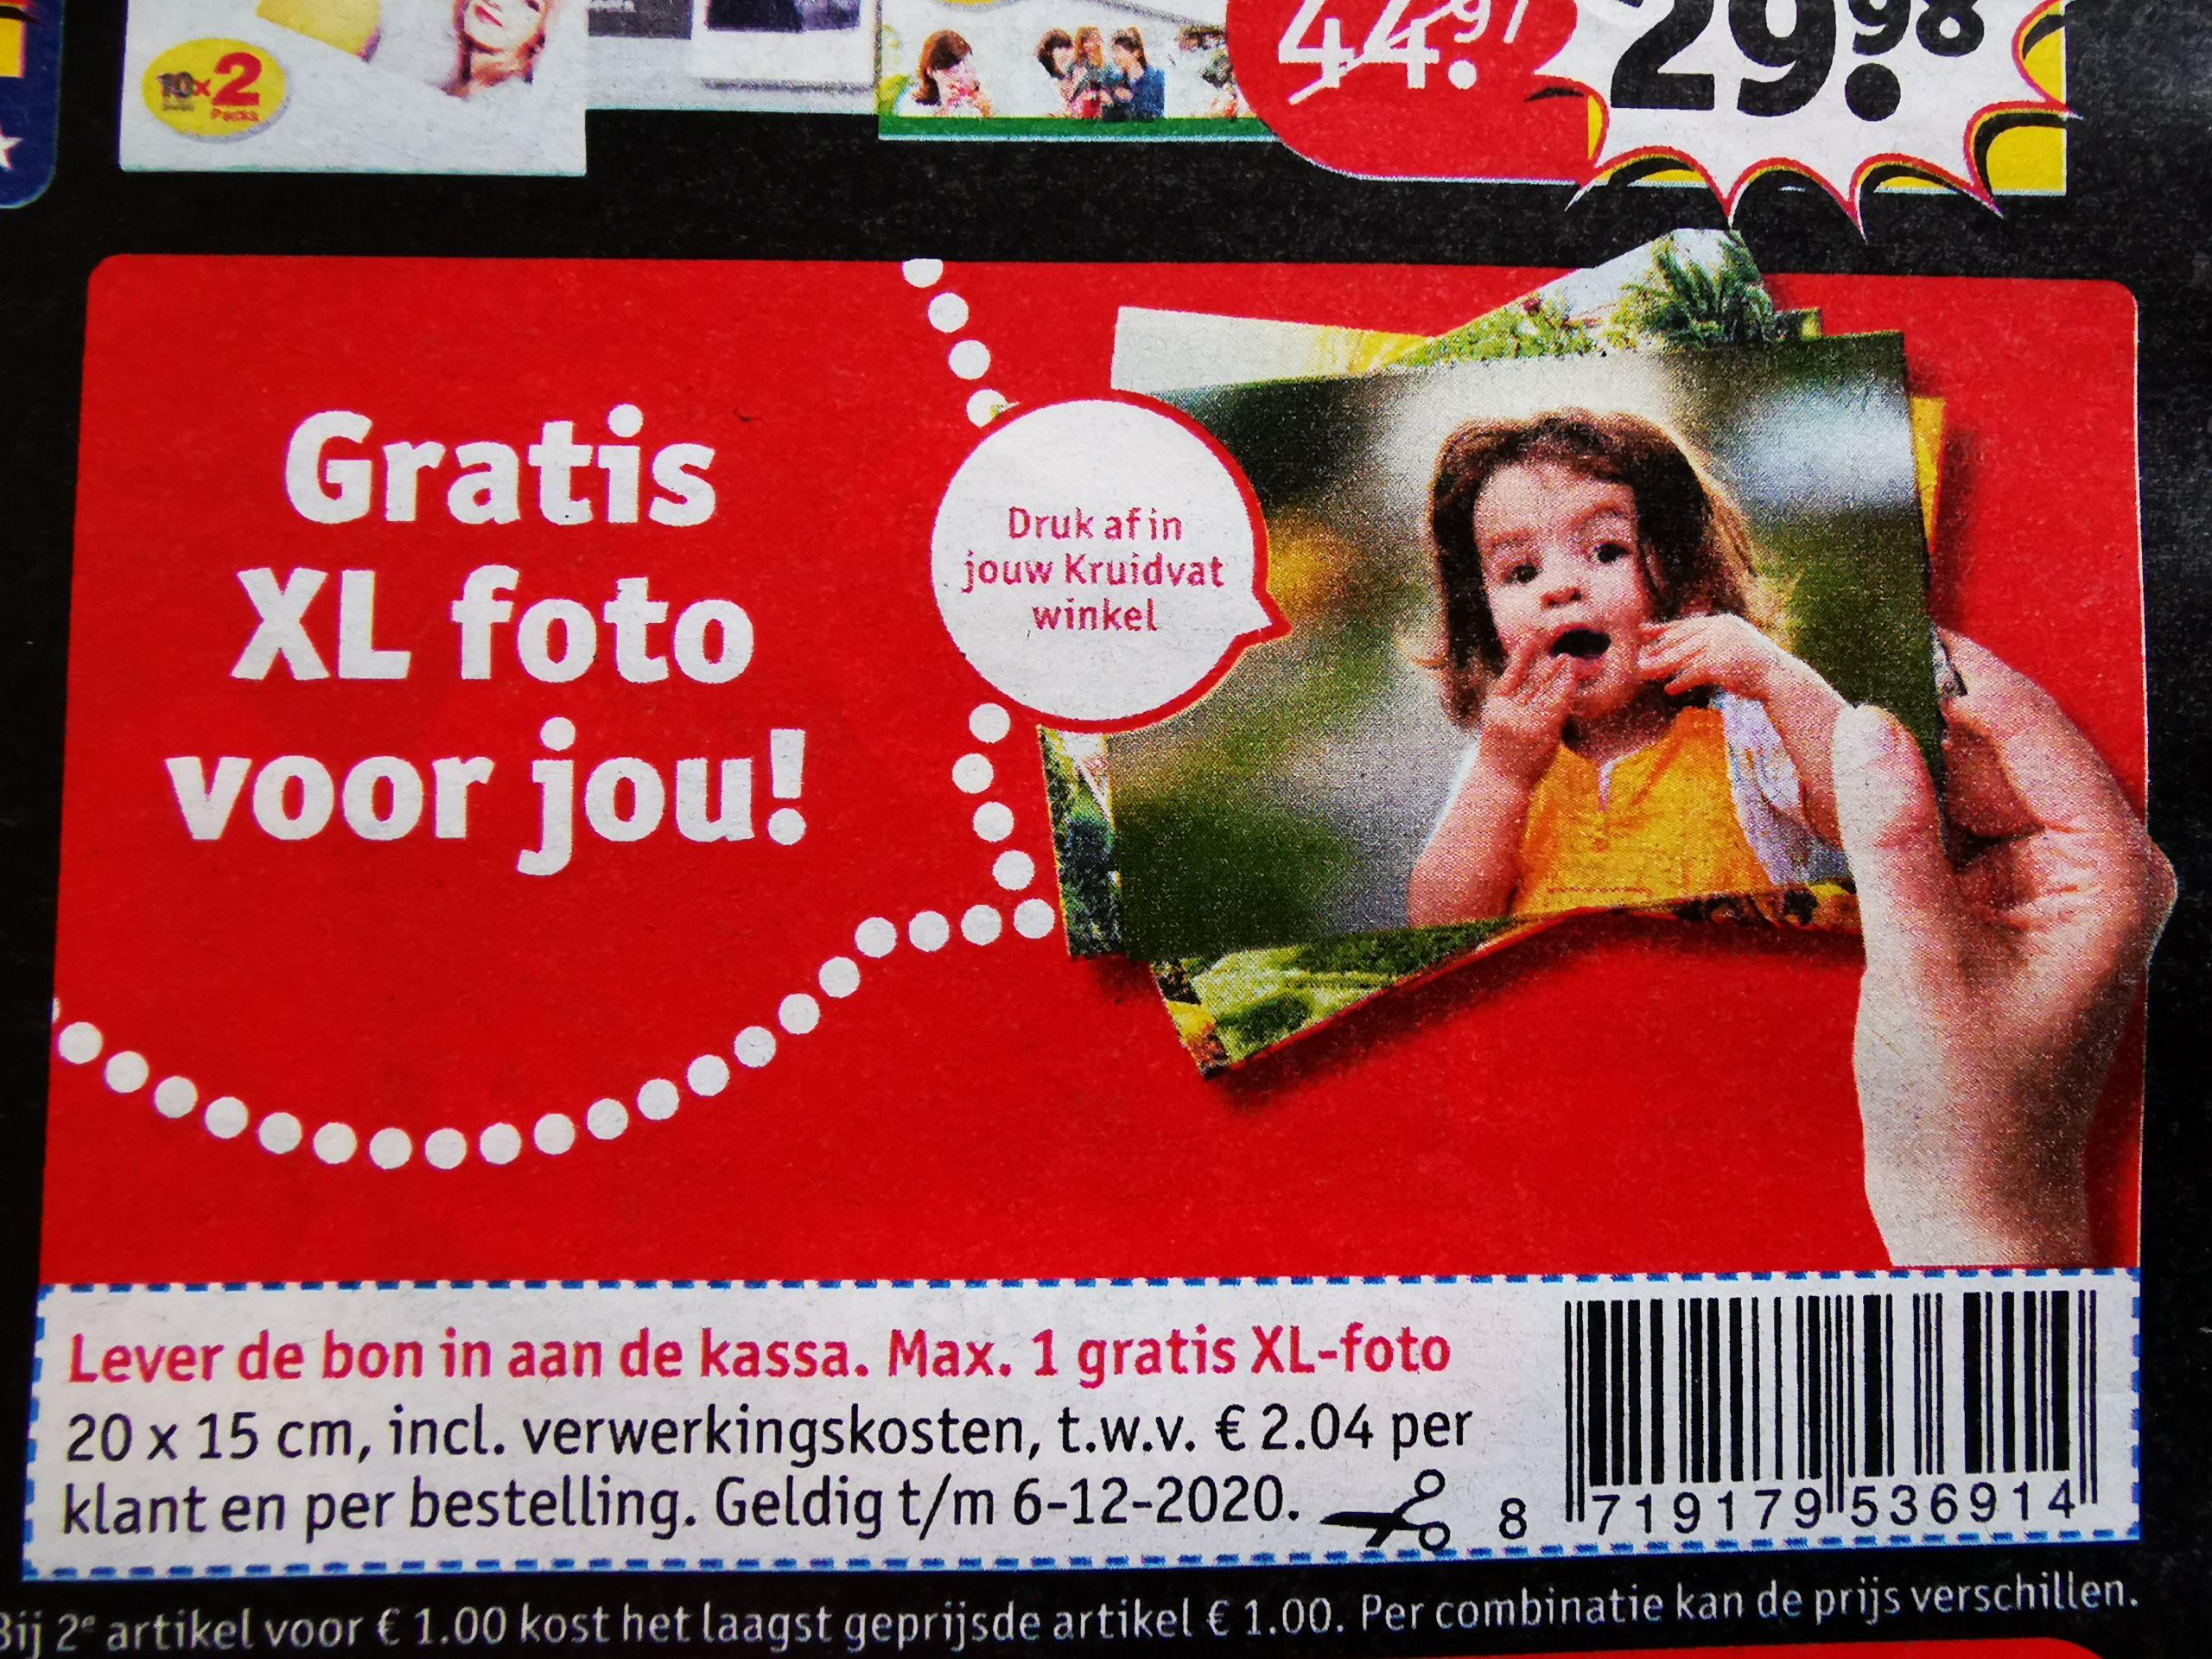 gratis XL foto van 20x15 cm @kruidvat